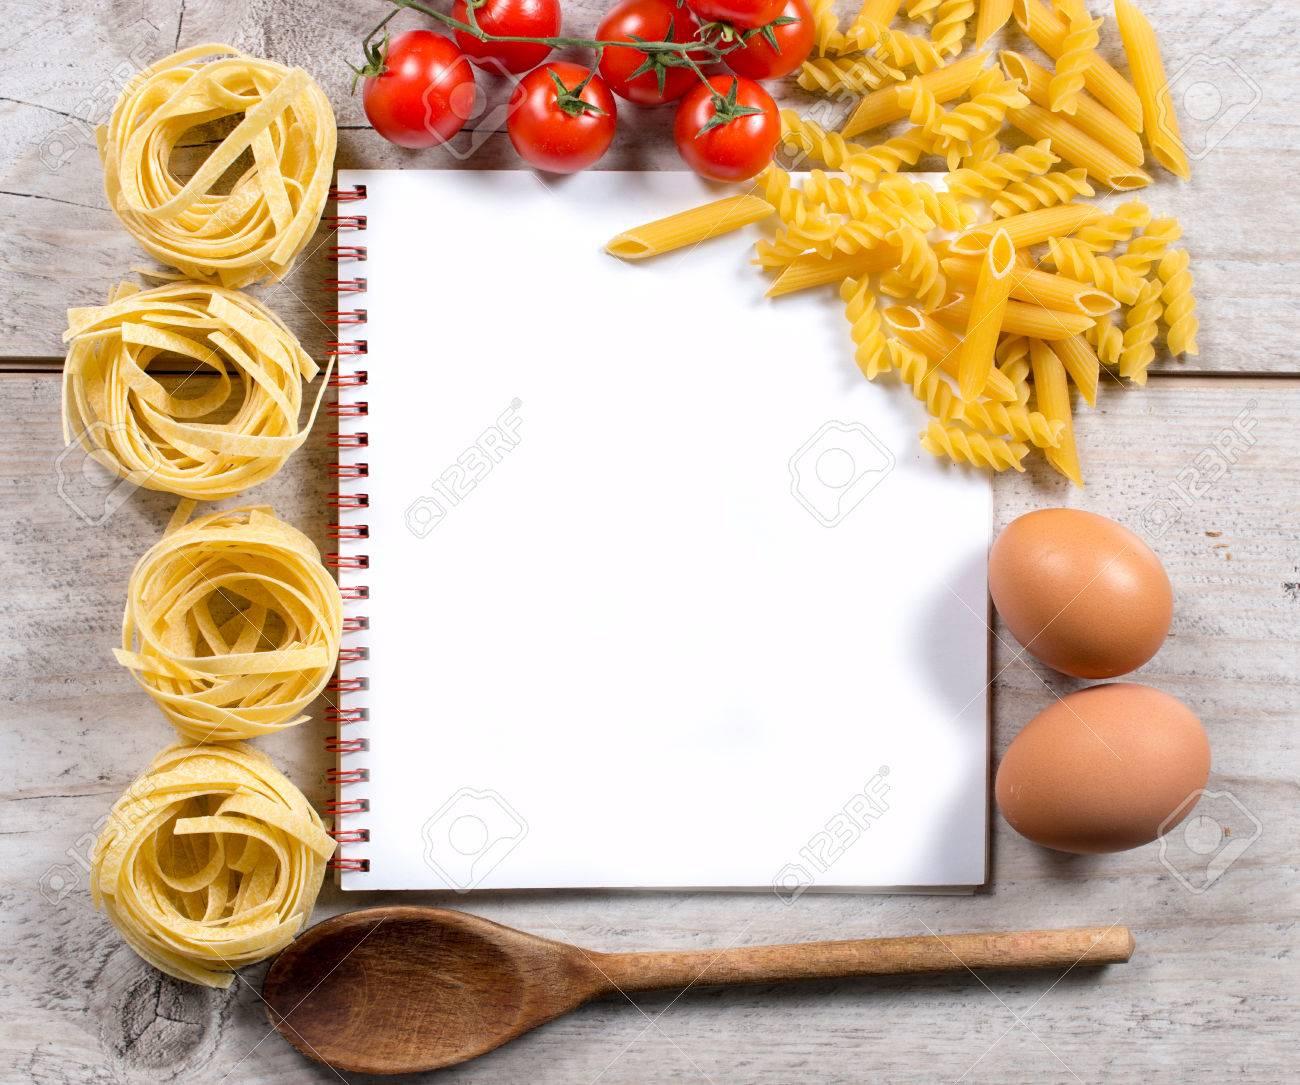 Blank Livre De Cuisine Avec Mis En Place Pour Preparer Une Cuisine Italienne Traditionnelle Ci Dessus Et Fond En Bois